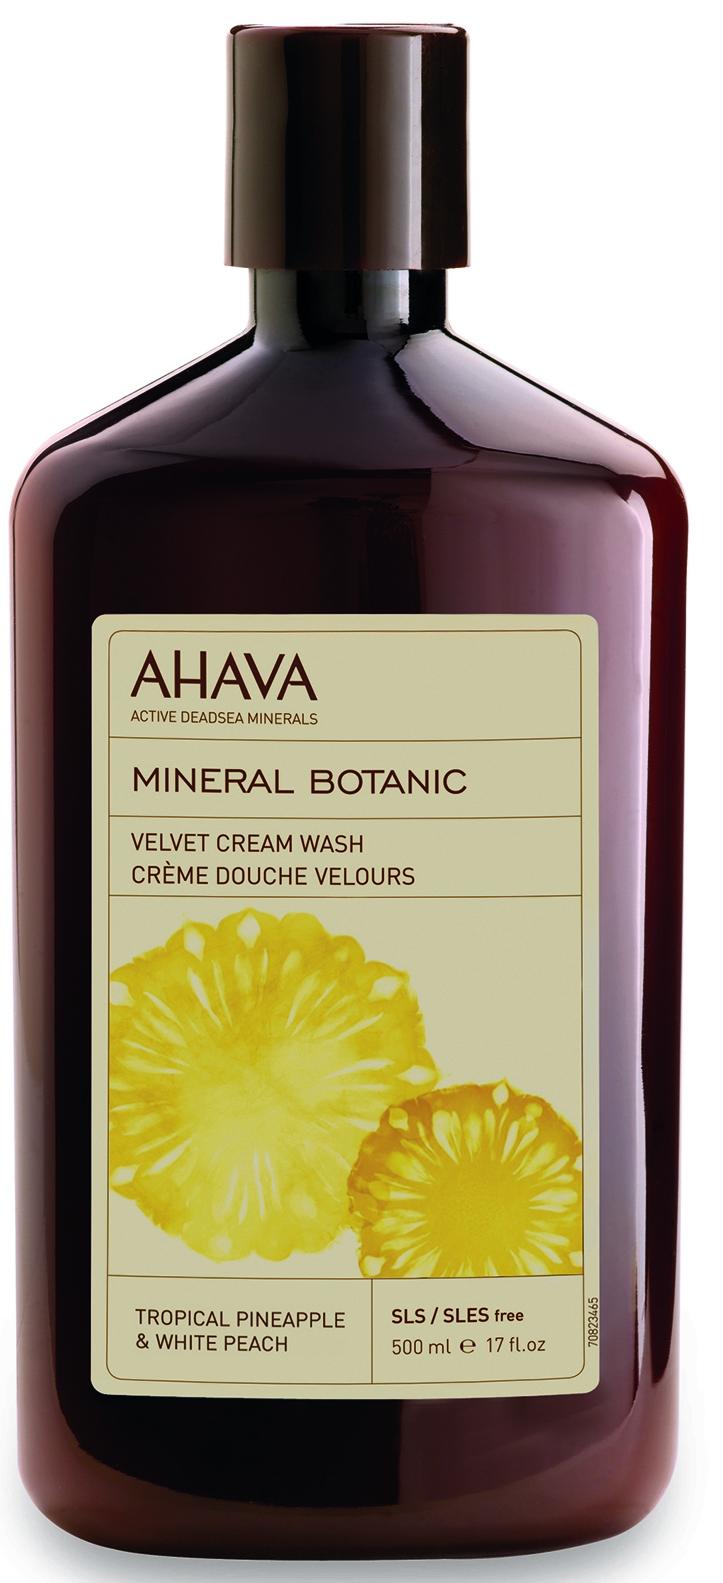 AHAVA Крем-мыло жидкое бархатистое, тропический ананас и белый персик / Mineral Botanic 500 мл